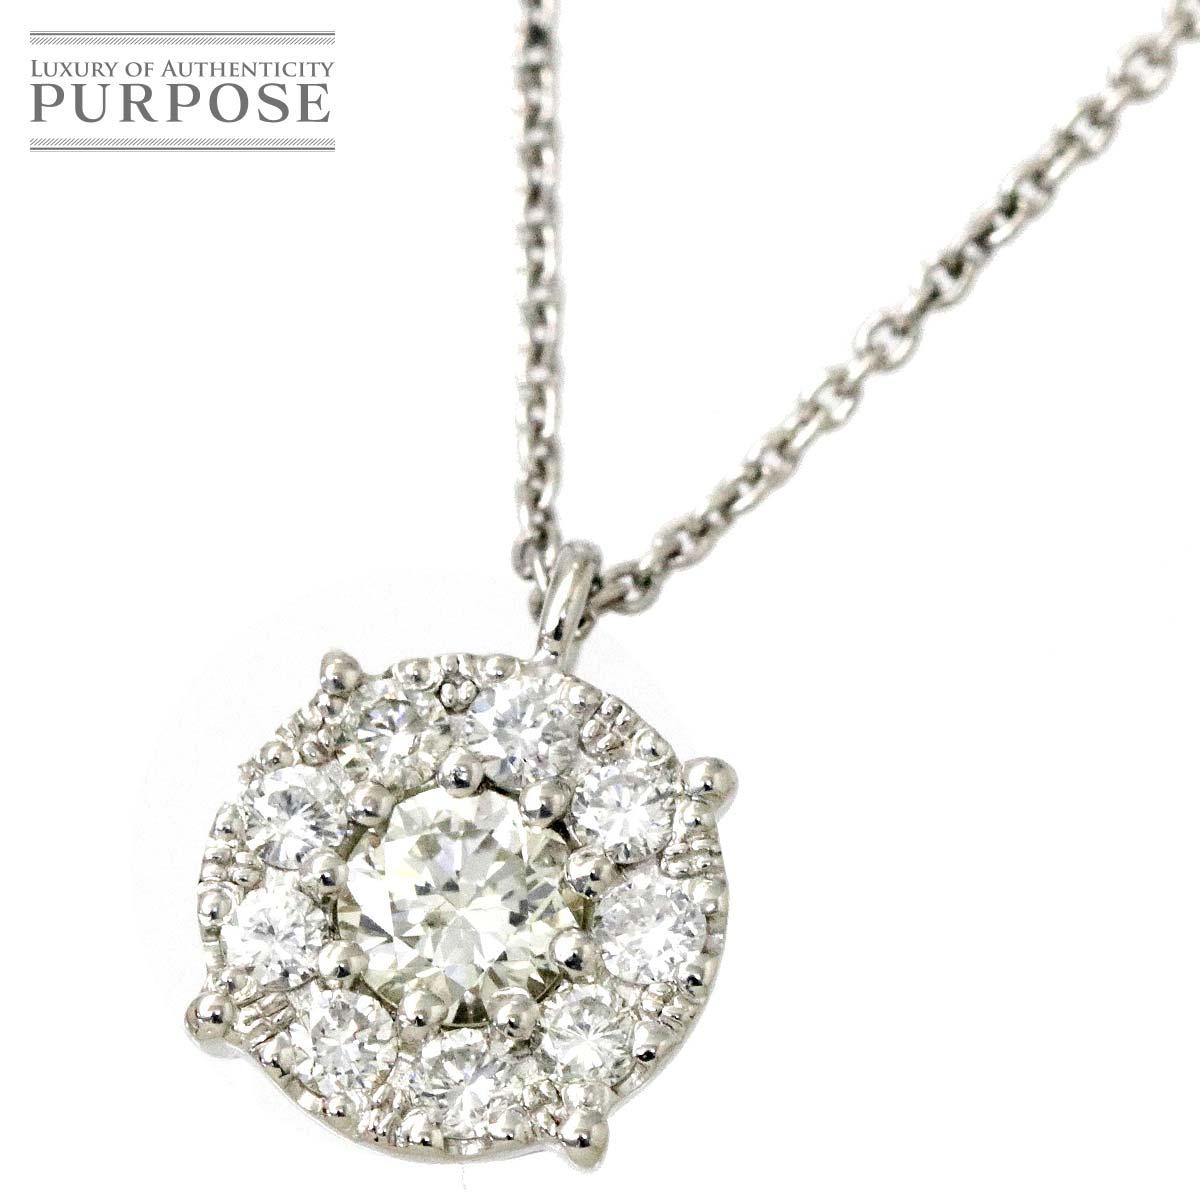 【新品仕上げ】 ダイヤ 0.22ct/0.20ct K18WG ネックレス 45cm 18金ホワイトゴールド ダイア